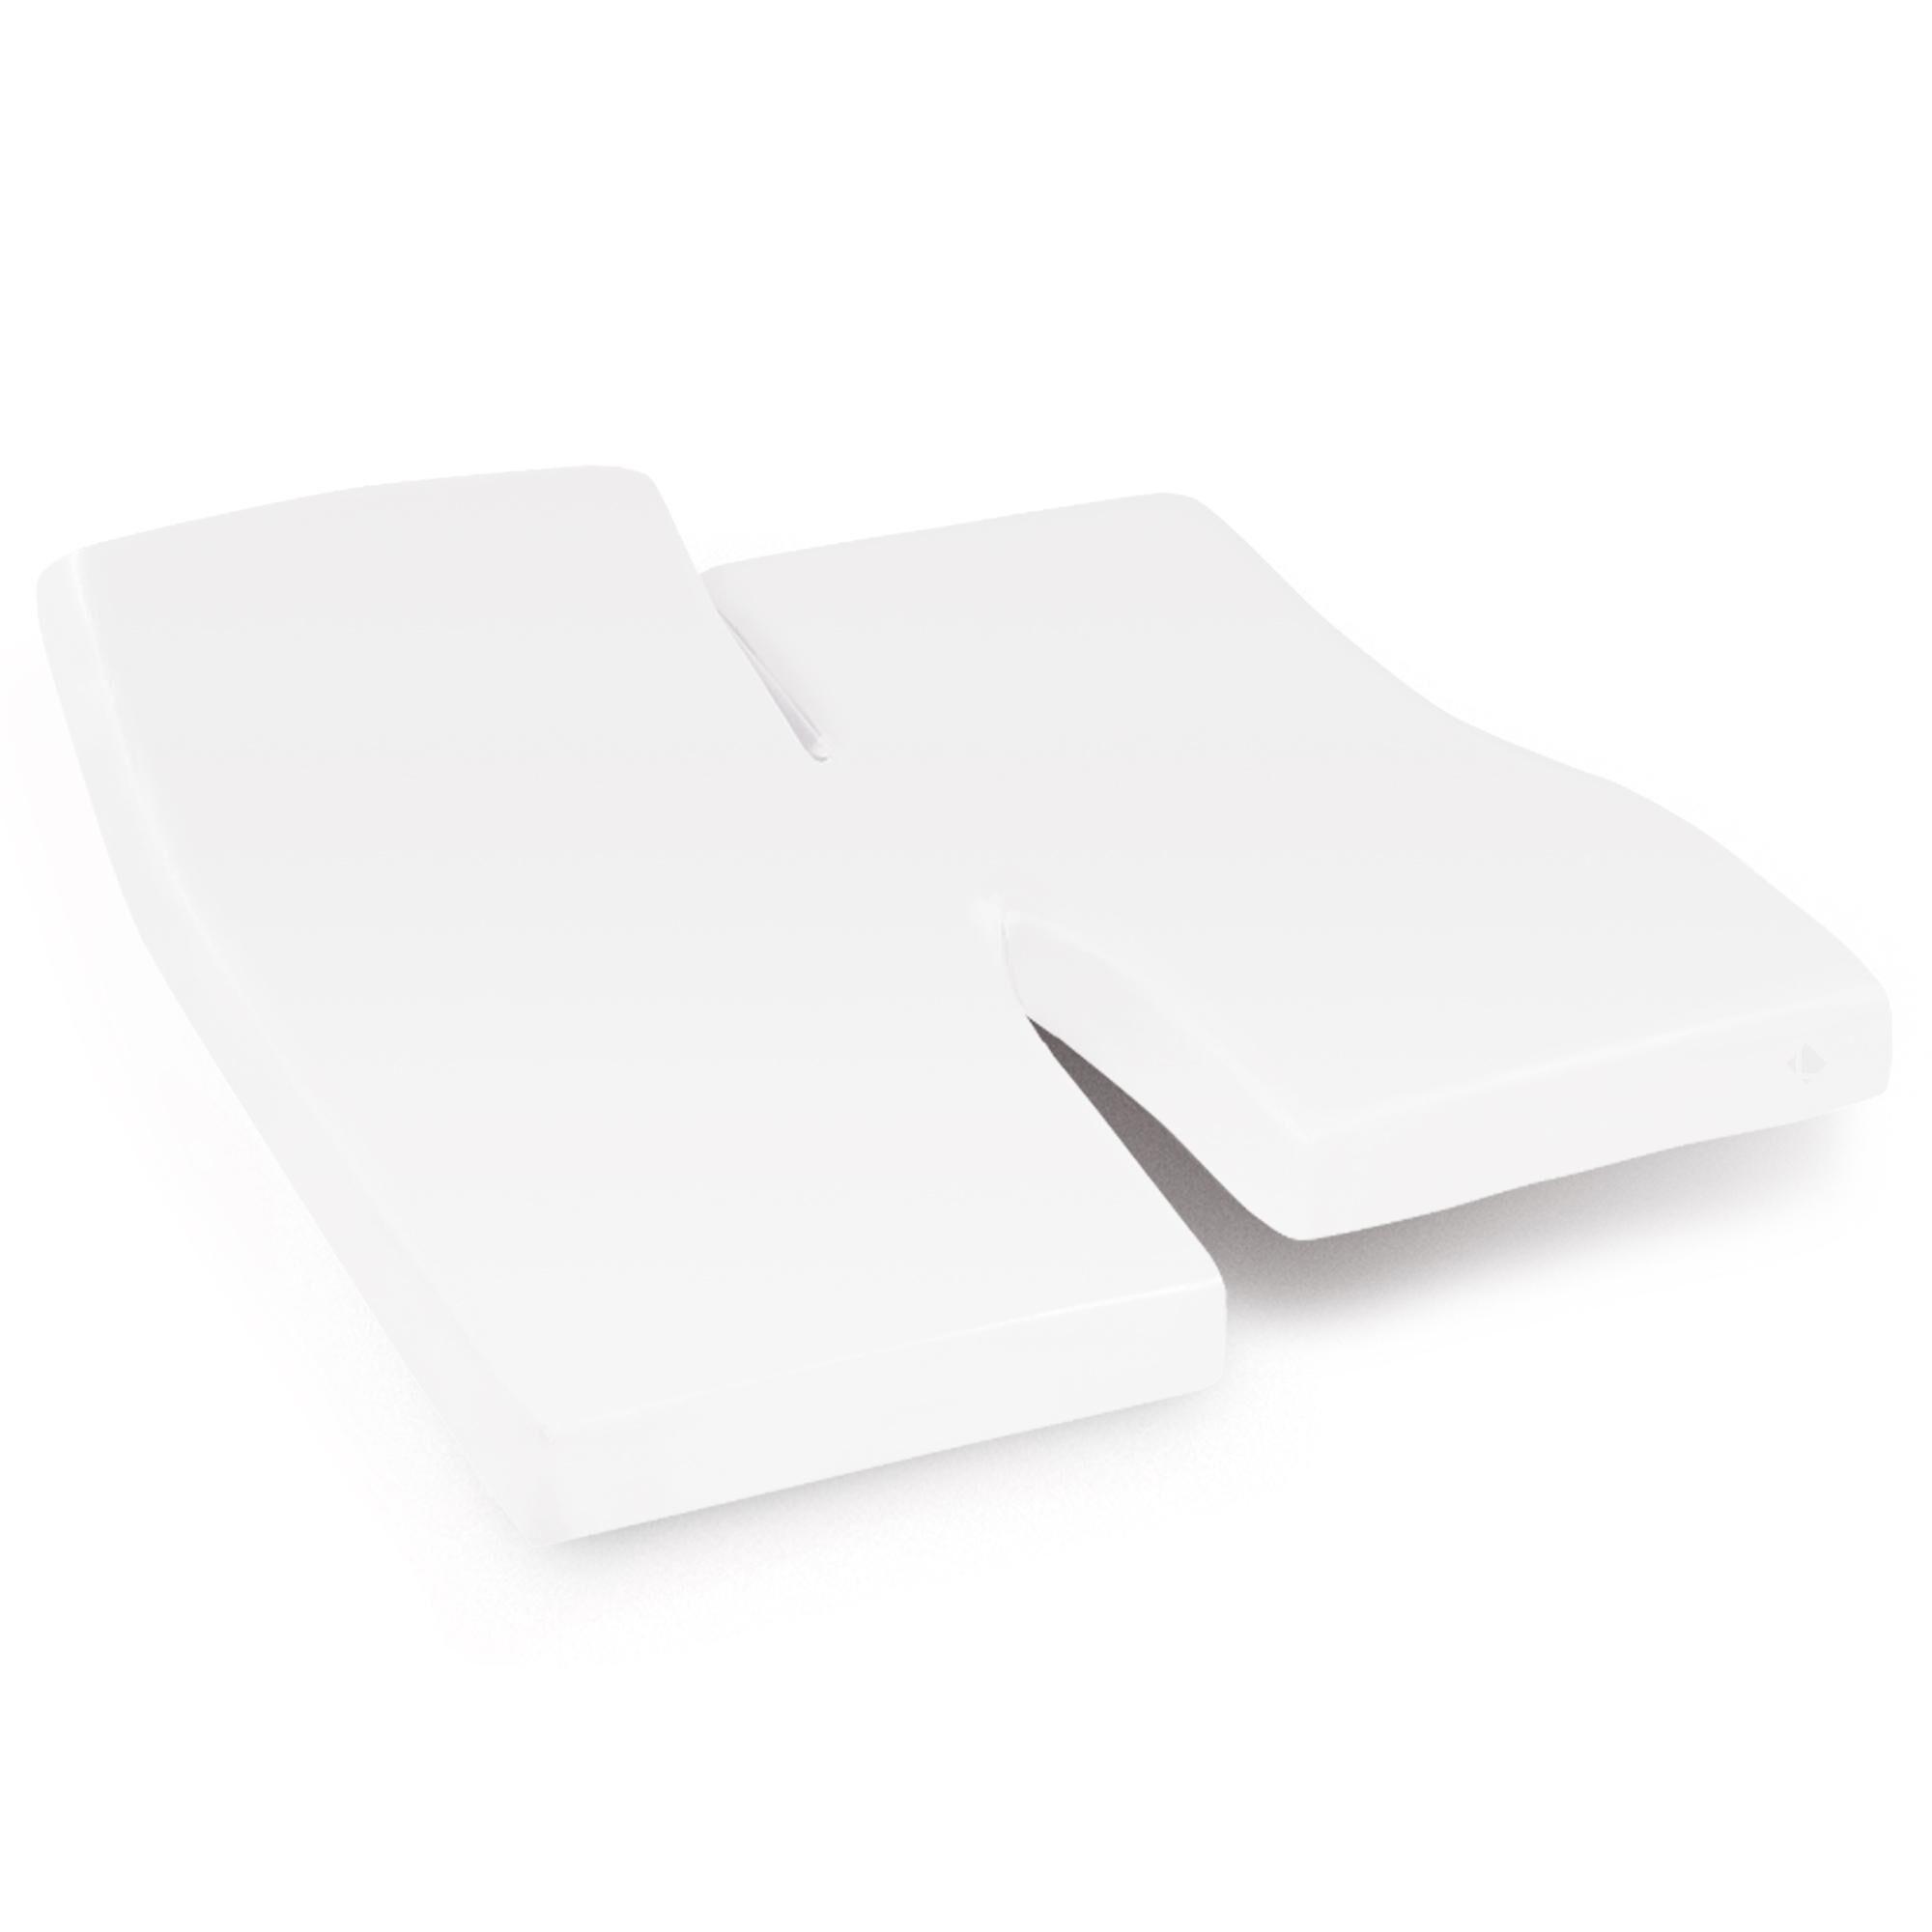 Linnea Protège matelas imperméable 2x80x200 cm lit articulé TPR bonnet 40cm ARNON molleton 100% coton contrecollé polyuréthane